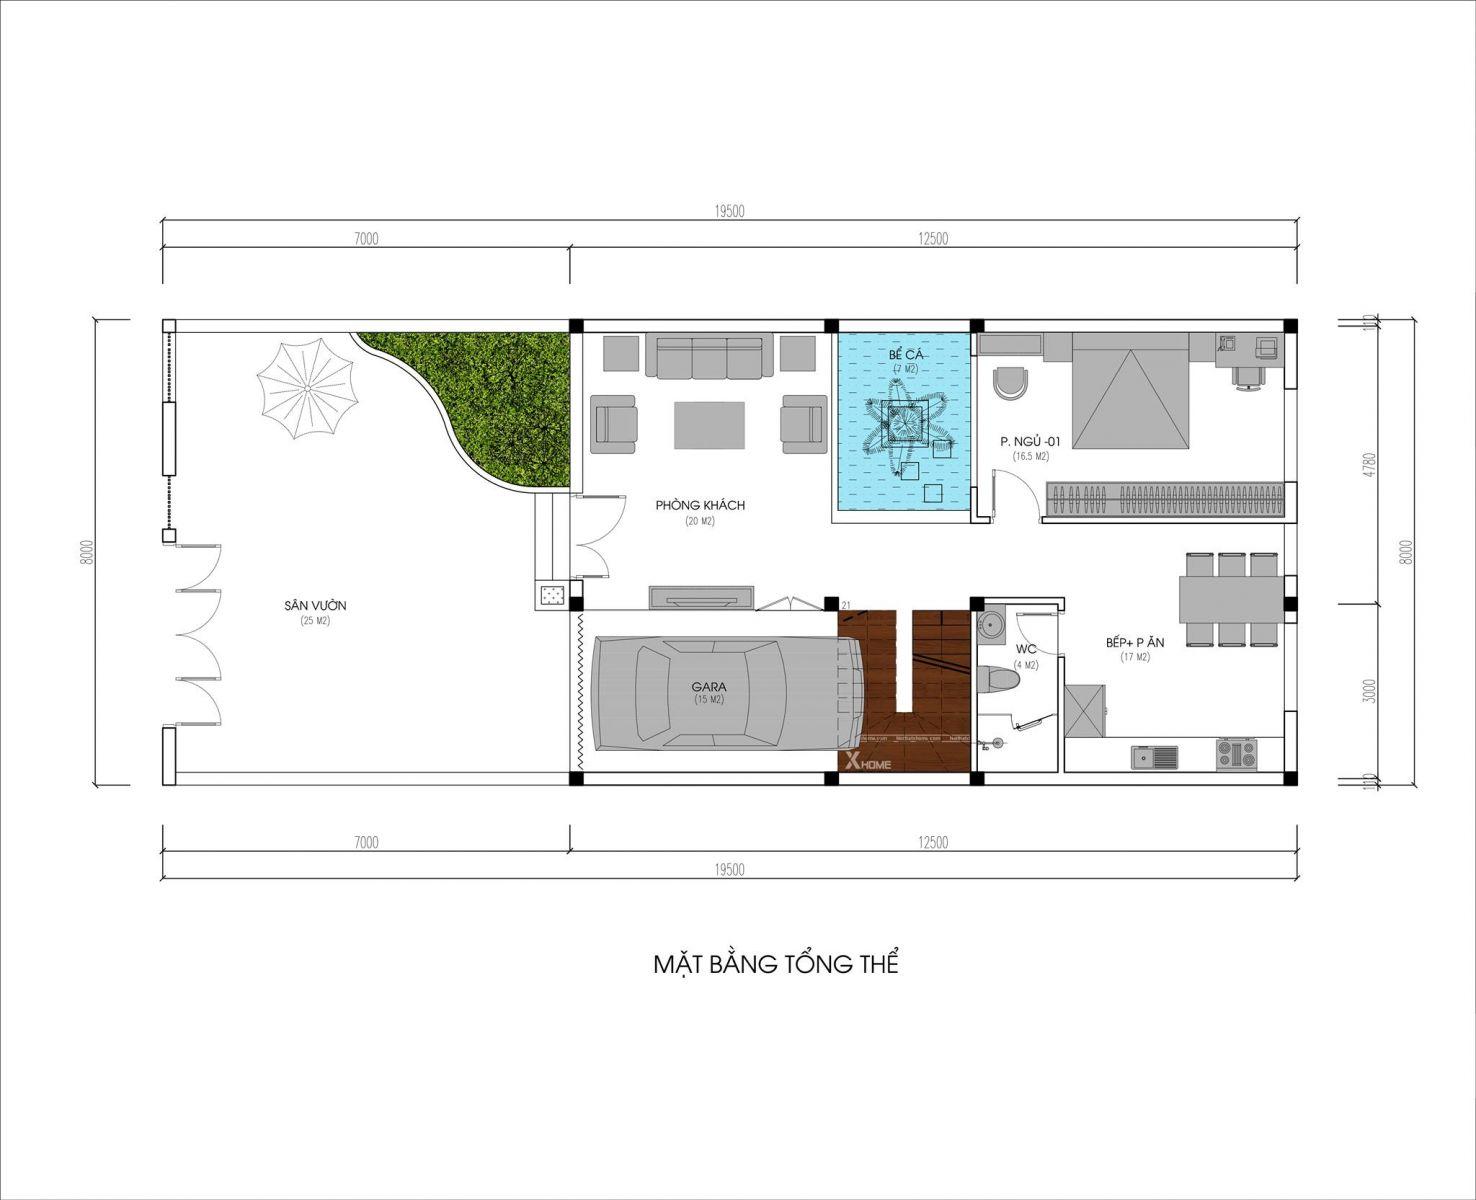 Tư vấn thiết kế Biệt thự hiện đại 3 tầng  8x20m